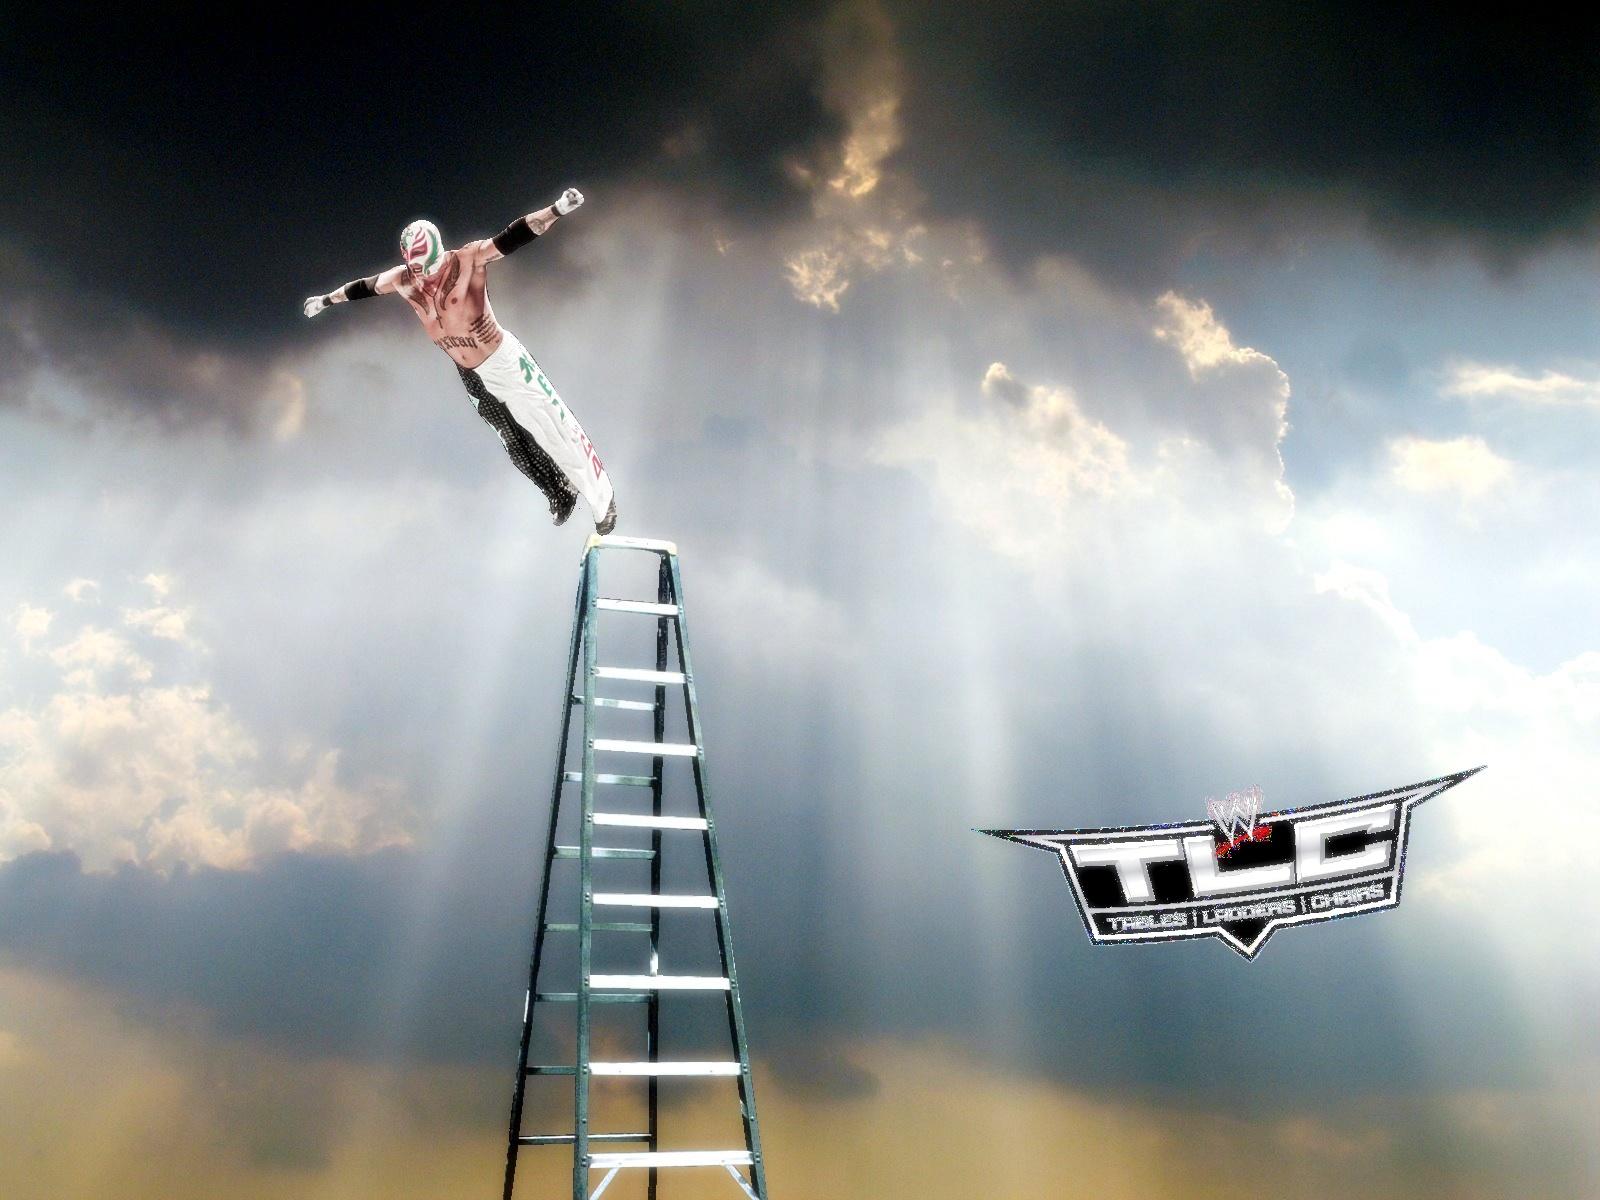 Fly Rey Fly